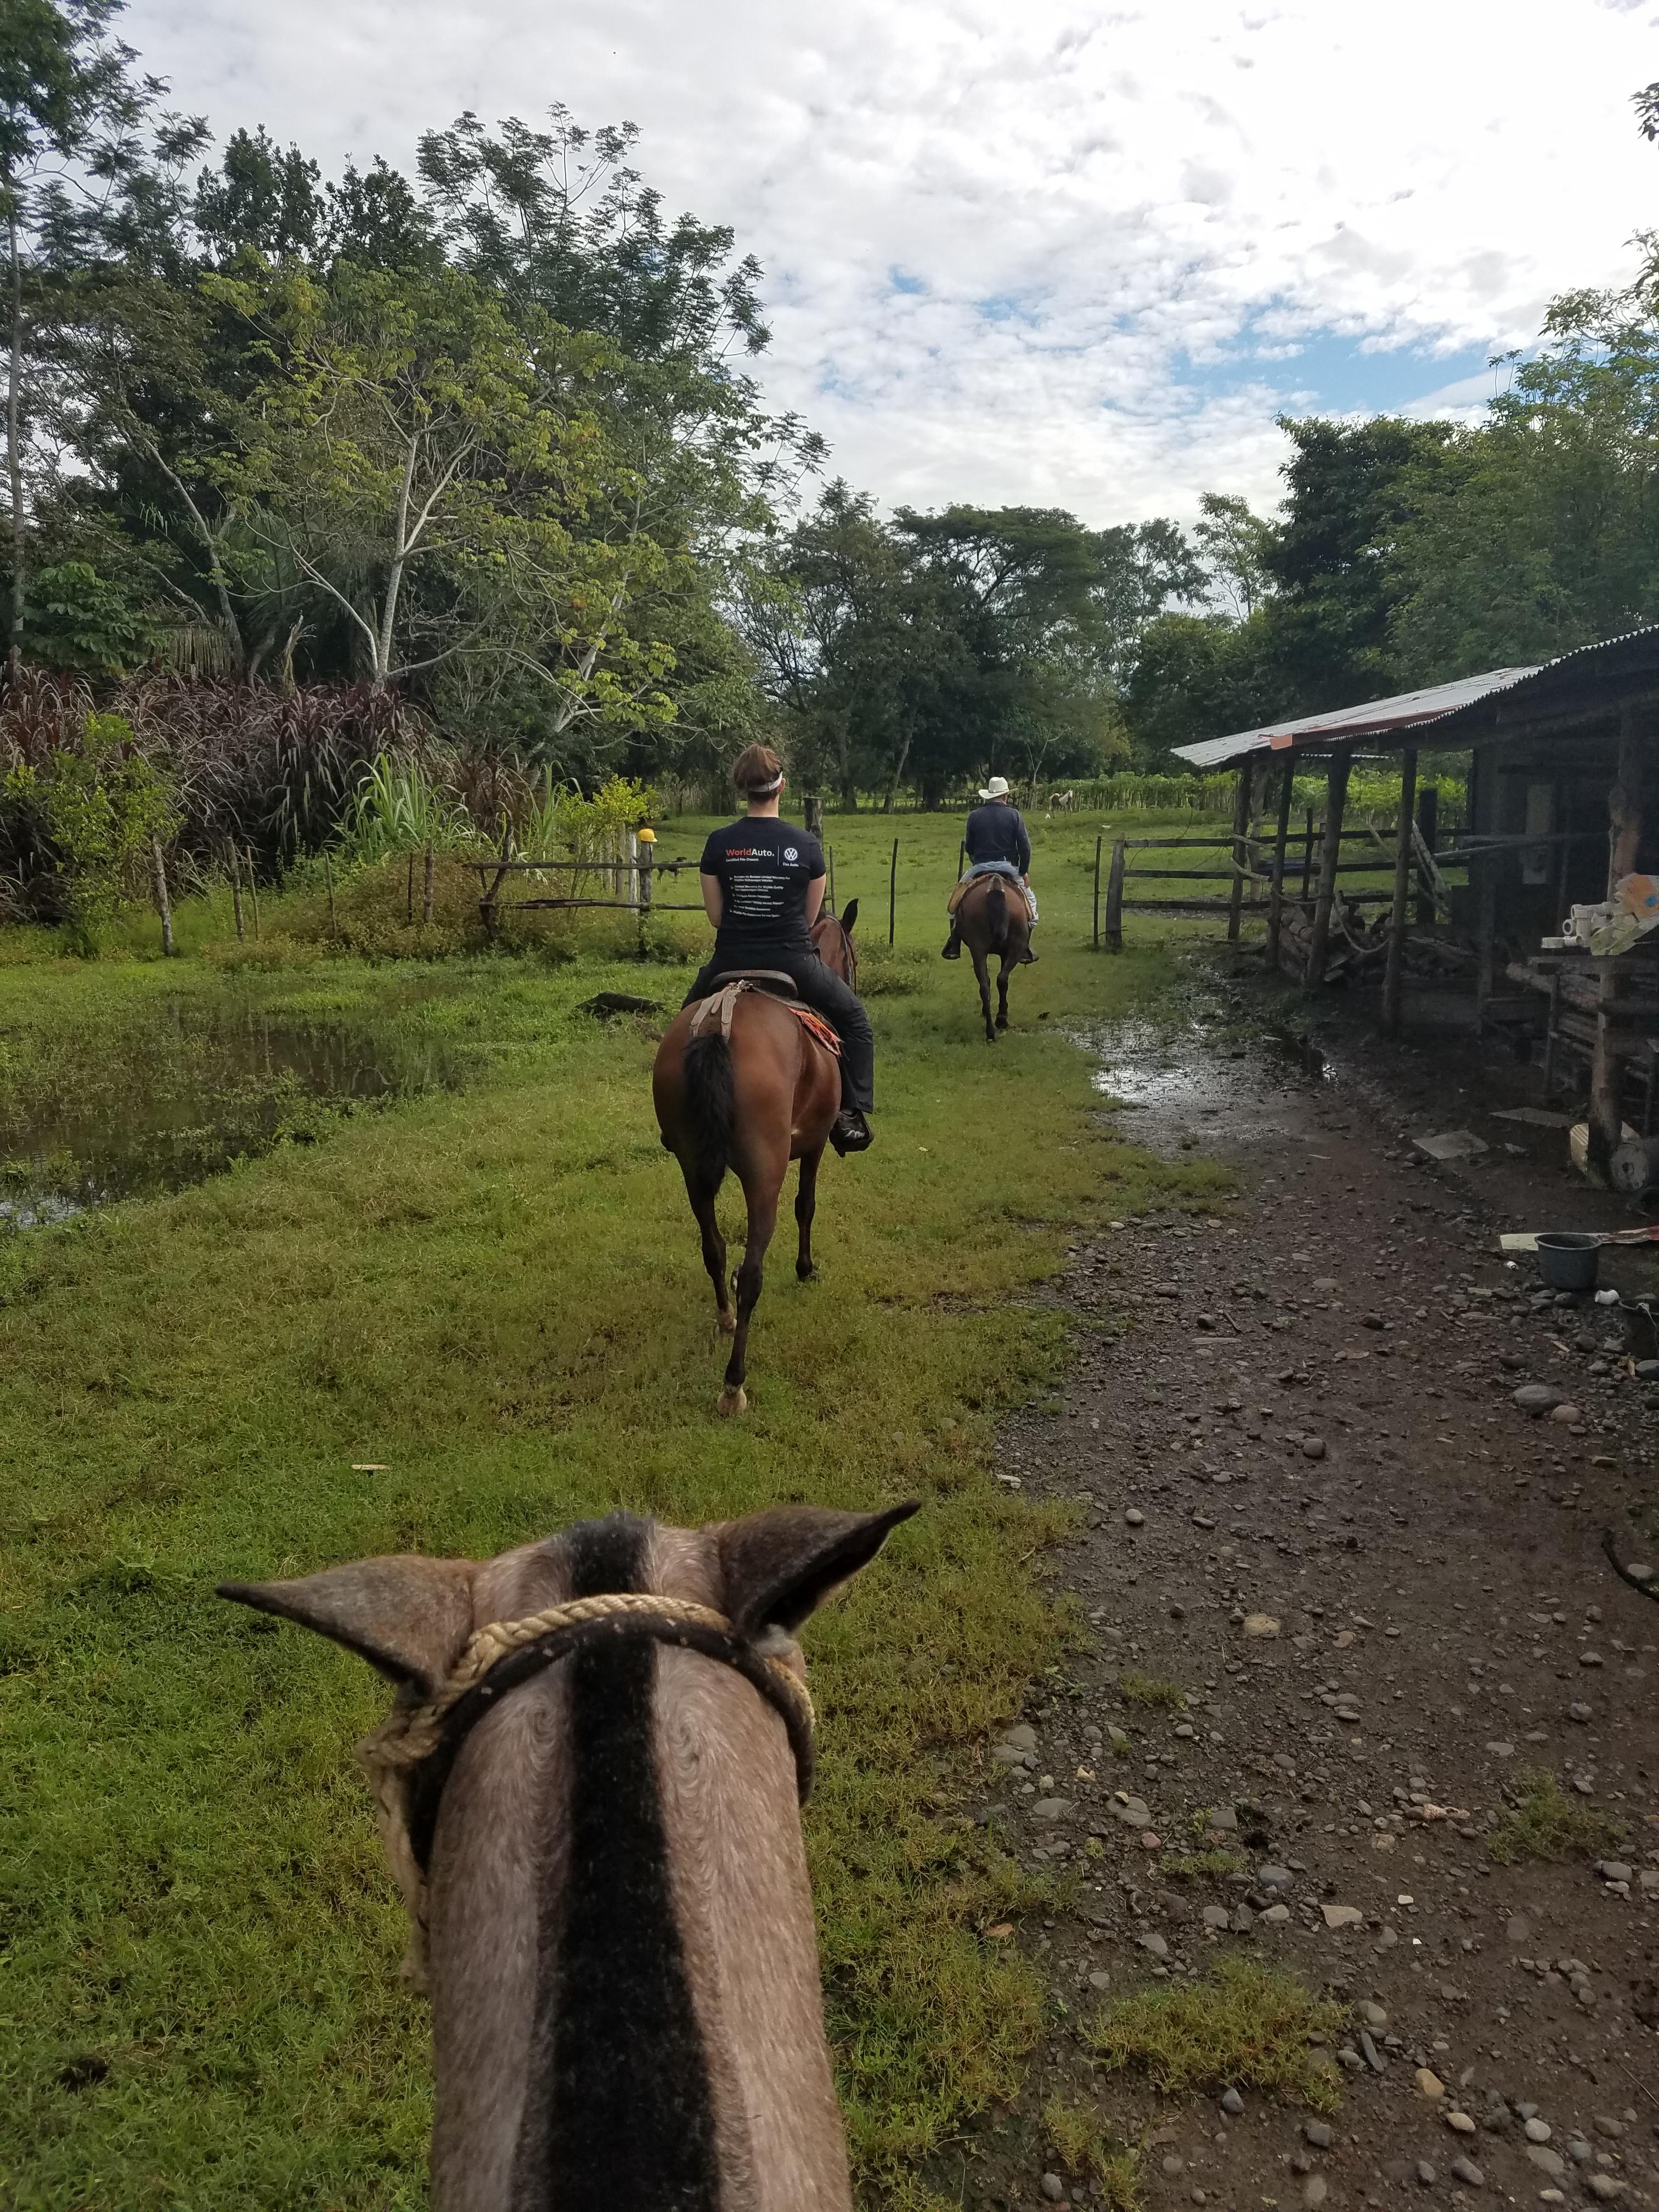 CostaRica_Horsebackriding_1.jpg